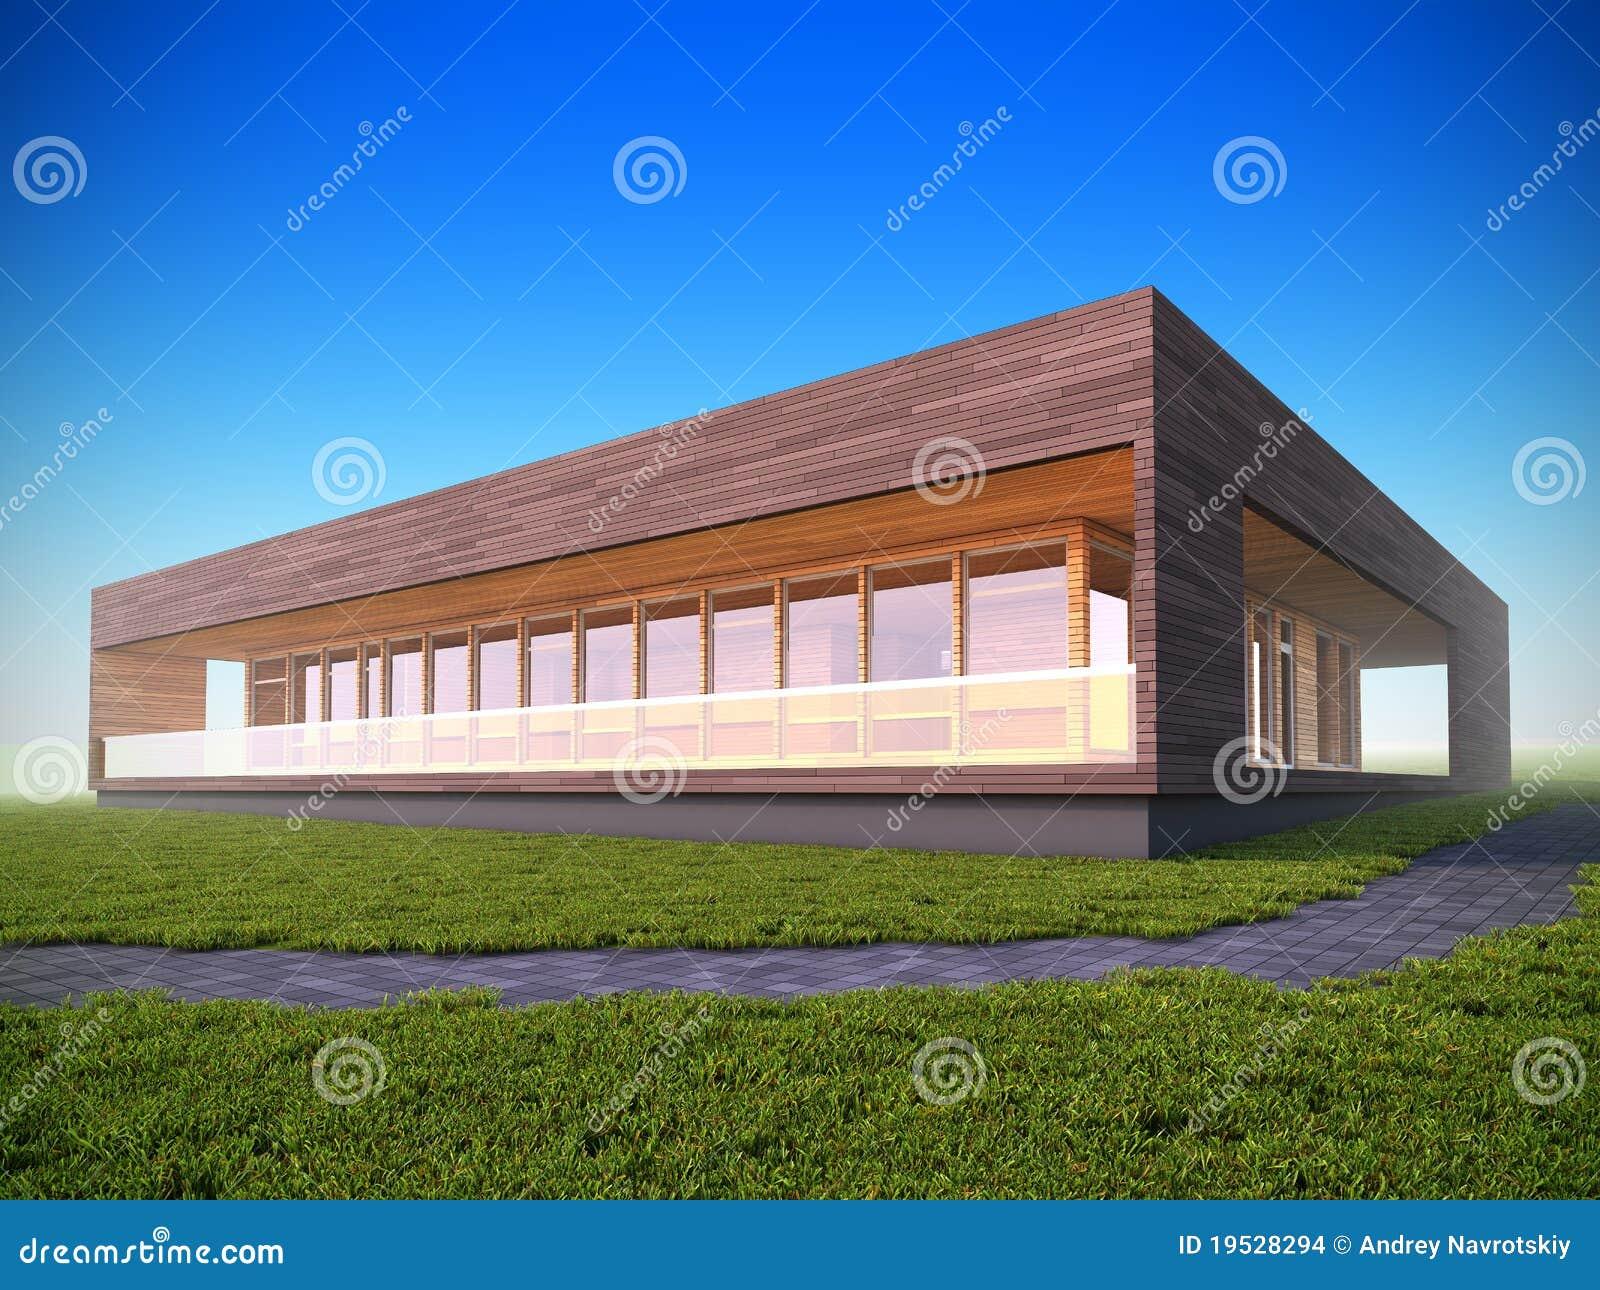 Ecologisch modern houten huis stock afbeeldingen afbeelding 19528294 for Hout huis